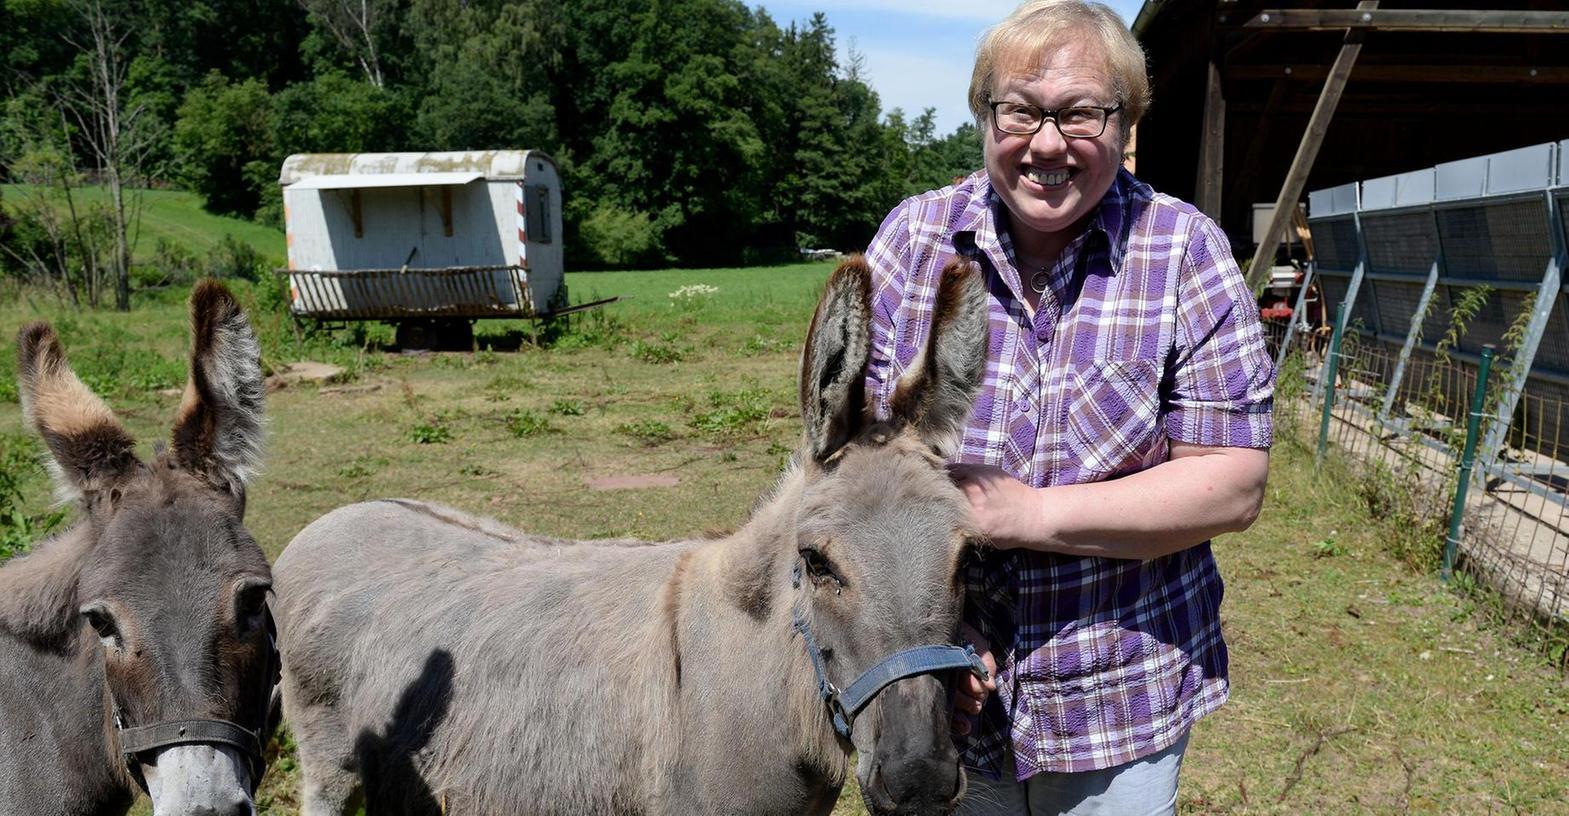 """Als Irmi Schmidt vor 32 Jahren nach Unterschlauersbach zog, war das eine Umstellung für sie. Längst ist sie aus dem Gasthaus """"Zum schwarzen Bock"""" nicht mehr wegzudenken. Besonders gerne schaut sie nach Eseldame Lottchen und ihren anderen Tieren."""